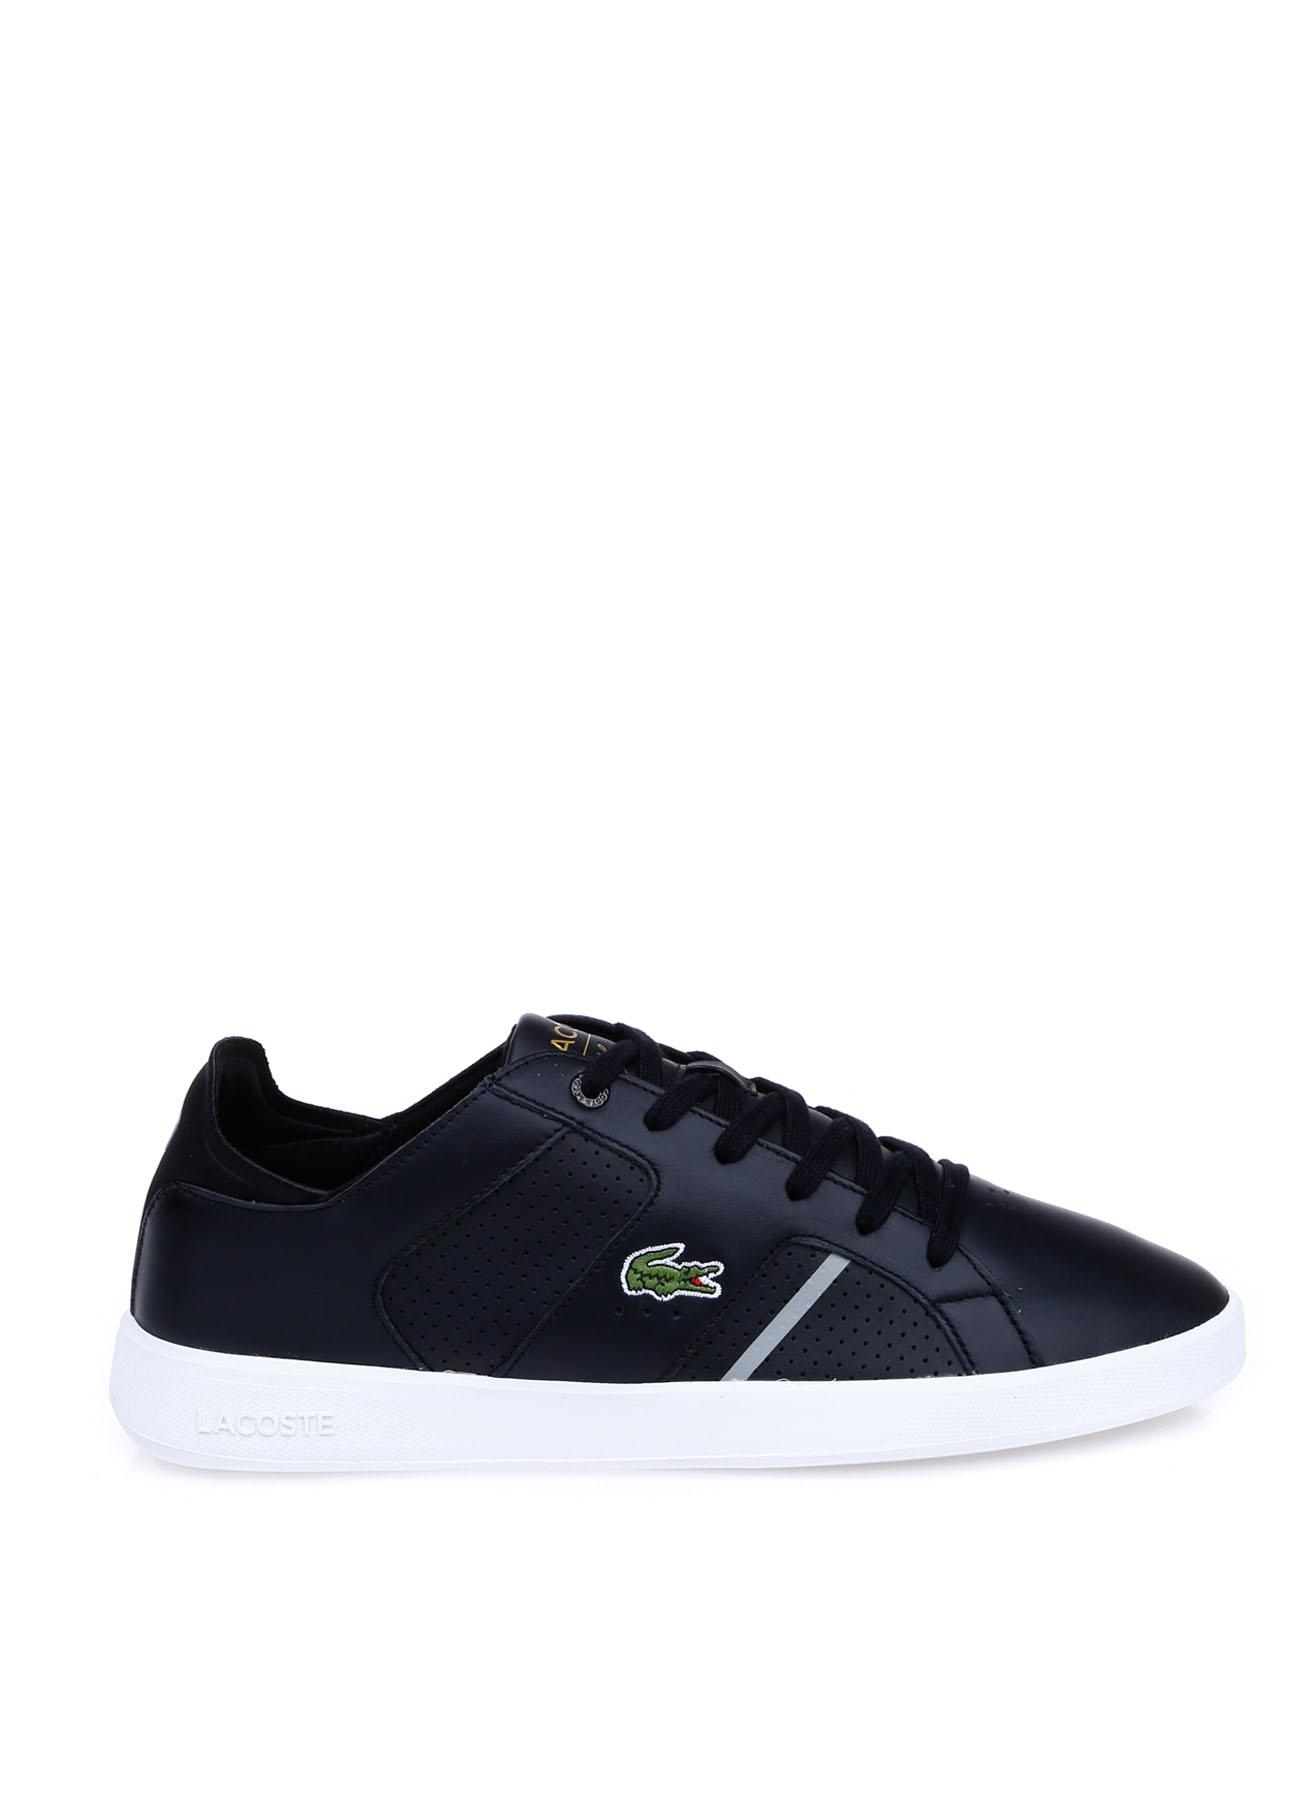 Lacoste Erkek Deri Siyah Lifestyle Ayakkabı 45 5002314218001 Ürün Resmi